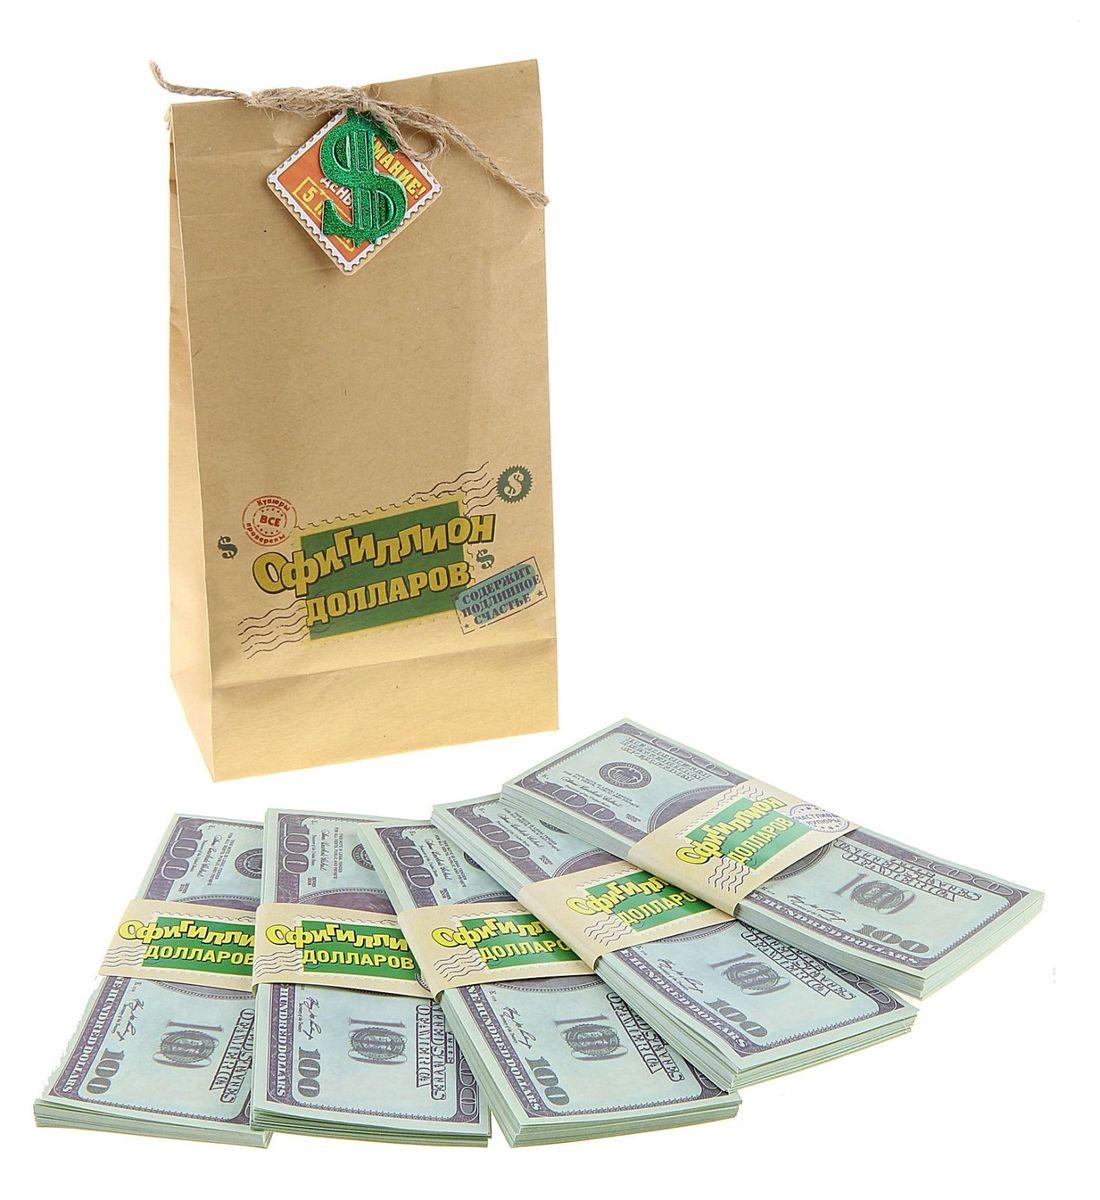 Мешок денег Sima-land Офигиллион Долларов, 4 x 11,5 x 21,4 см761904Хотите весело и щедро выкупить невесту? Легко!Сколько нужно жениху, чтобы родители невесты отдали их бесценное сокровище? Возможно, мешок денег или два. А в каждом – по офигиллиону долларов. Теперь точно хватит!В плотном мешке из бумаги располагается 5 пачек, каждая их которых упакована в бумажную обертку с надписью. Деньги оформлены в виде настоящих стодолларовых купюр. Мешок декорирован бечевкой с эмблемой валюты, которая находится внутри.Теперь дело за малым, осталось лишь послушно выполнять задания подружек невесты и удивлять их своей щедростью!